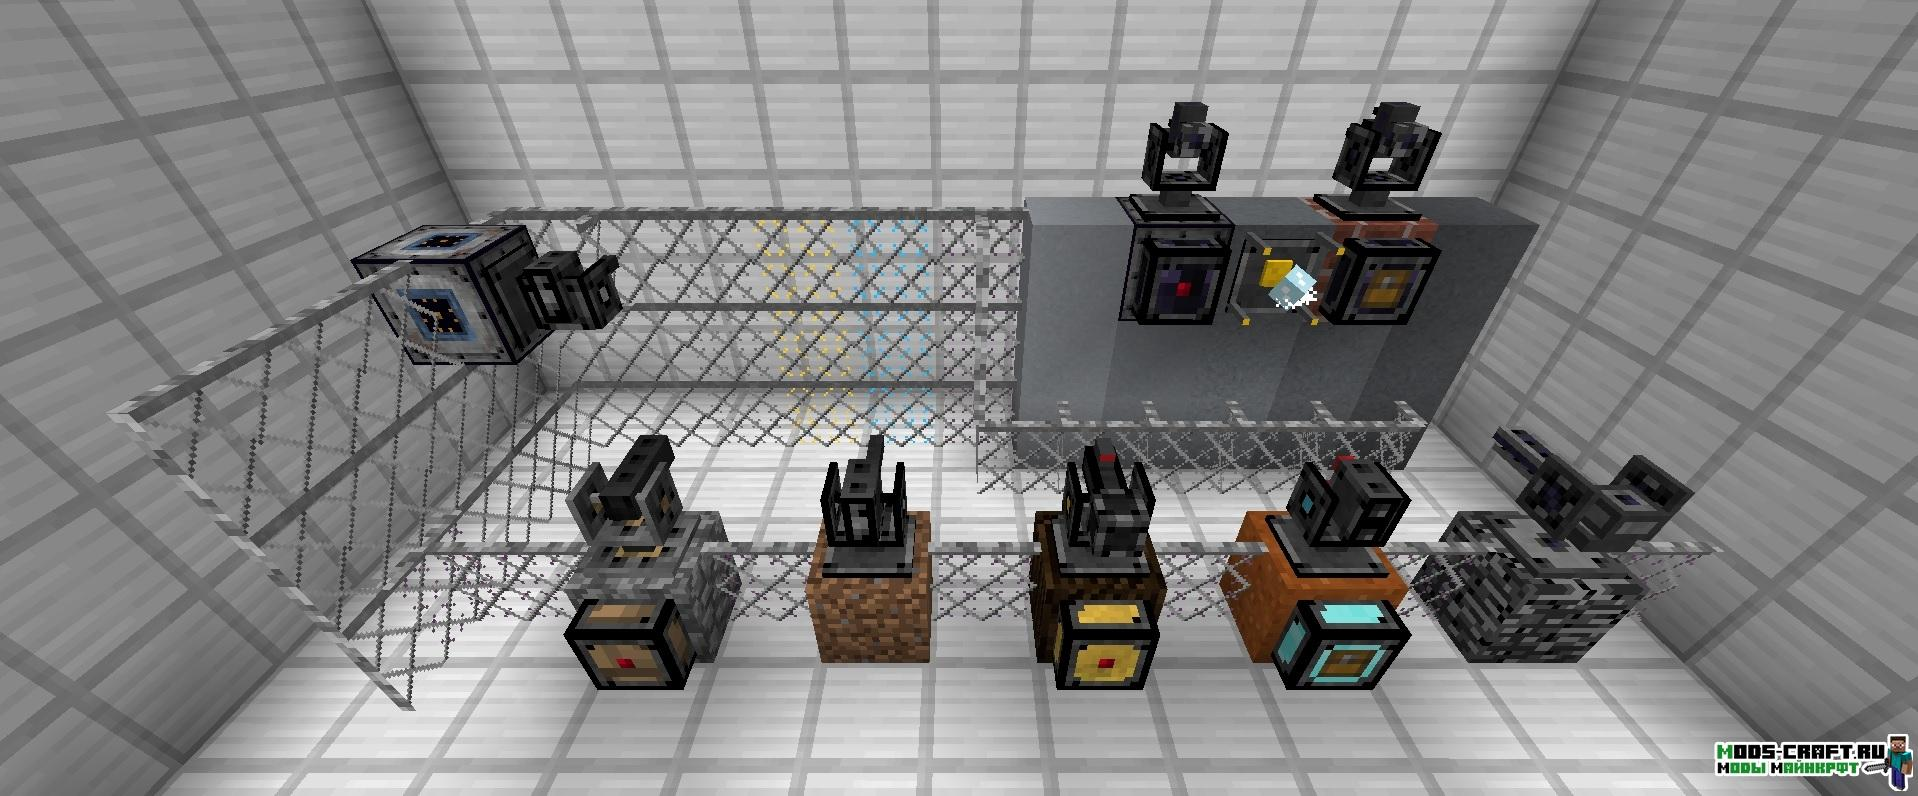 Мод на Турели - OpenModularTurrets для minecraft 1.12.2 1.11.2 1.10.2 1.7.10